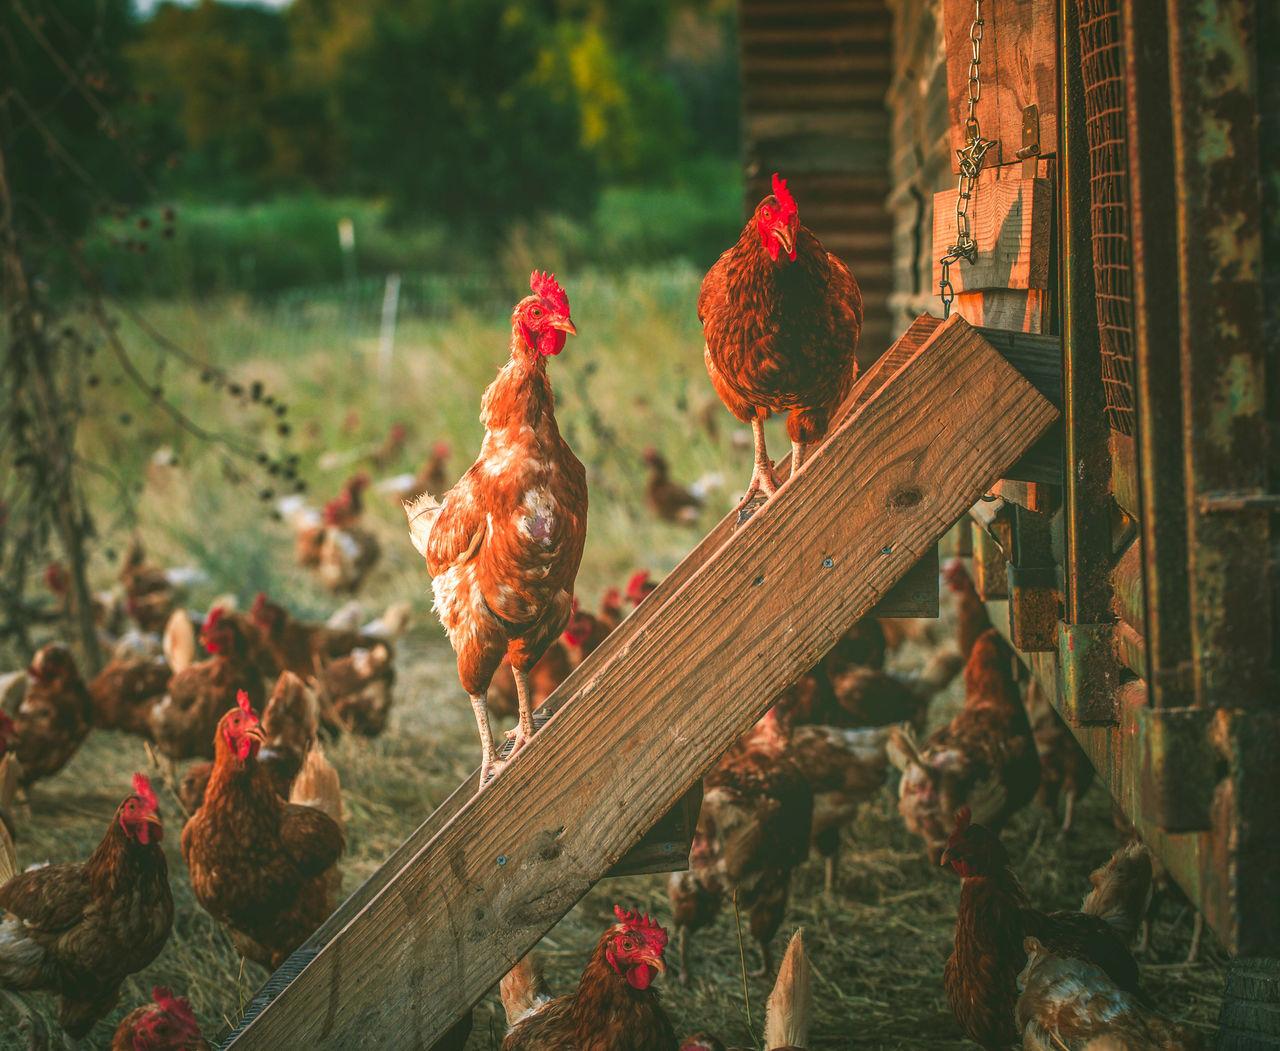 Beautiful stock photos of chicken,  Agriculture,  Bird,  Chicken,  Chicken Coop